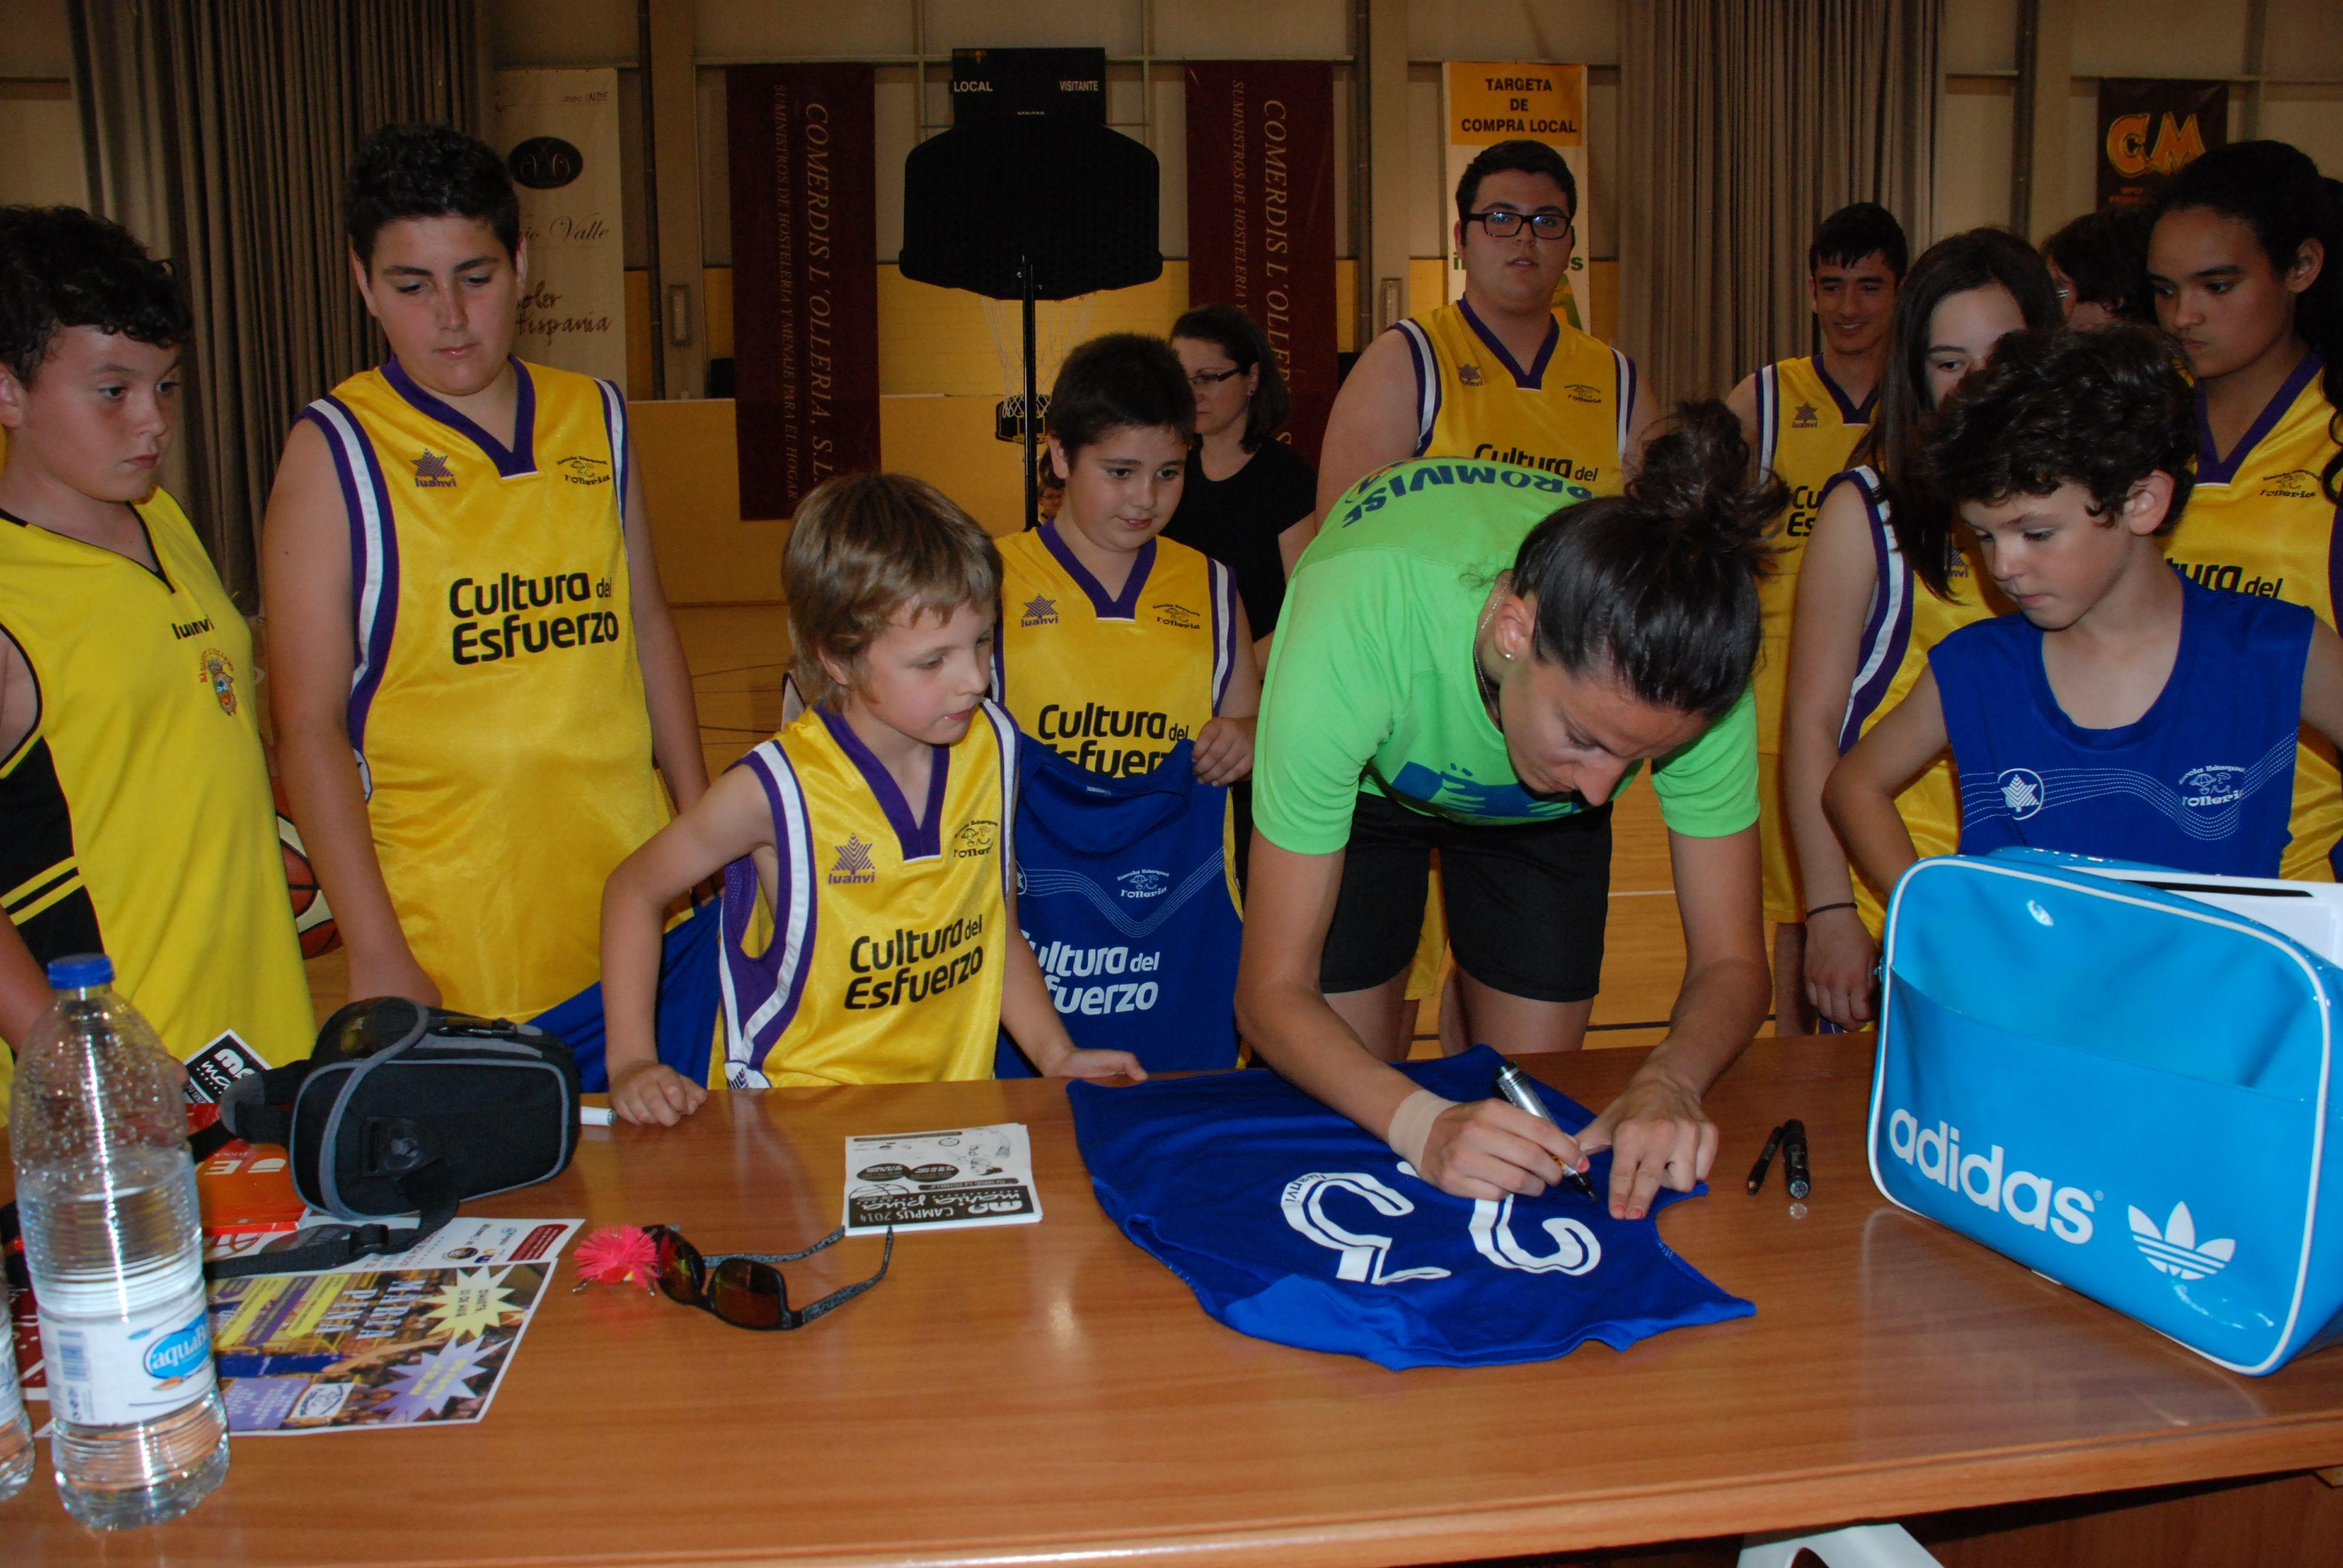 Els nostres van demanar firmes i fotos a Maria Pina 55